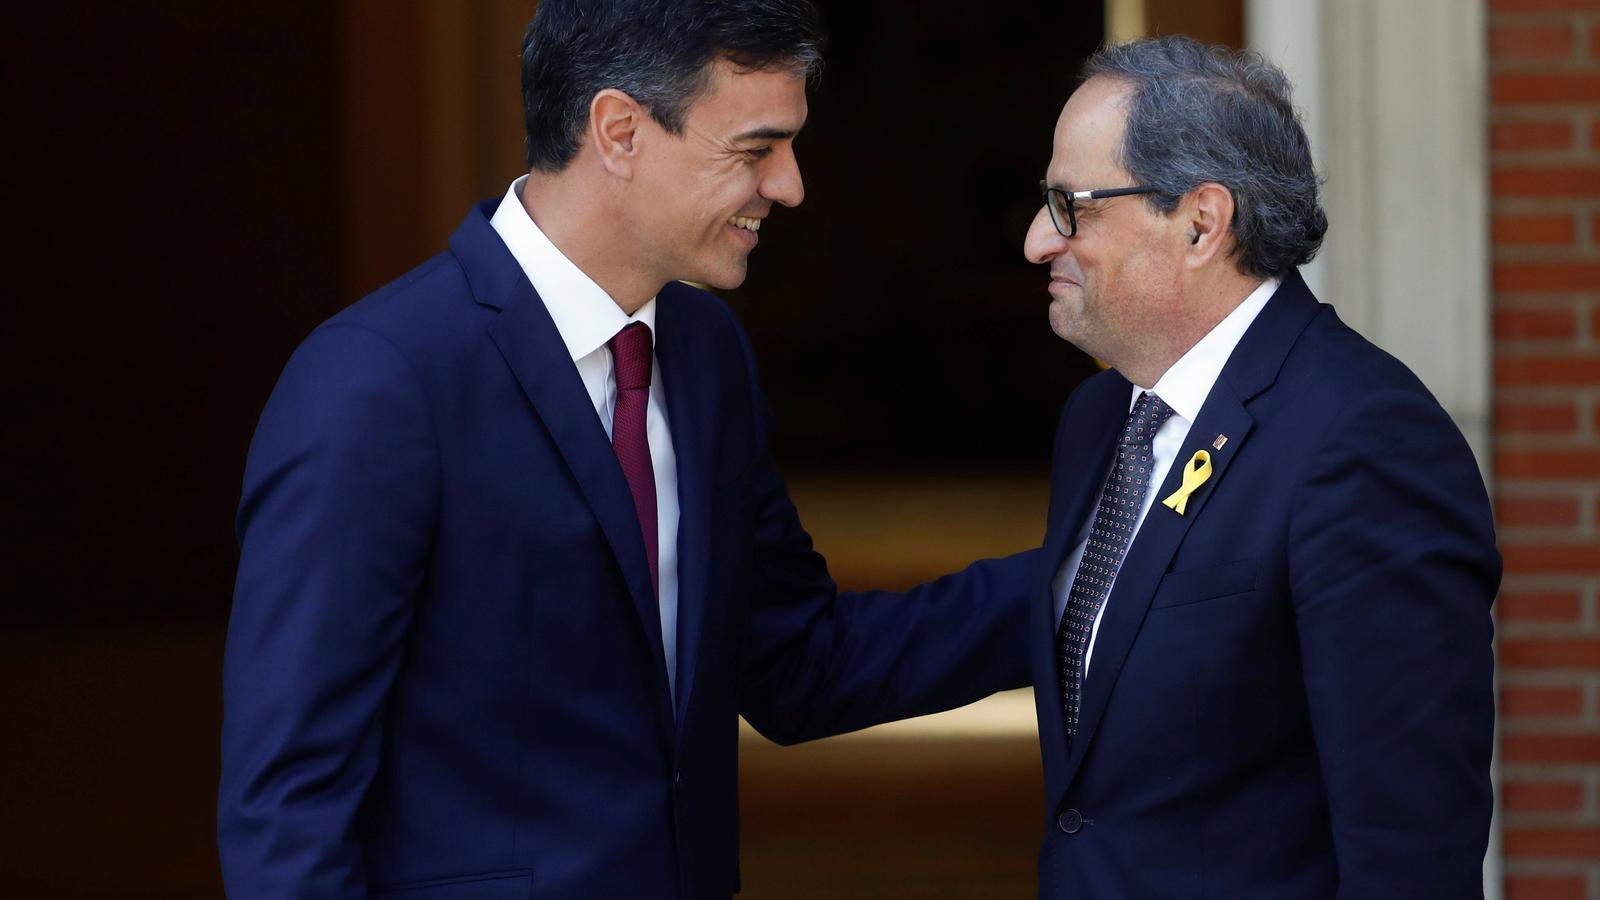 Pedro Sánchez i Quim Torra en la reunió entre presidents del juliol del 2018